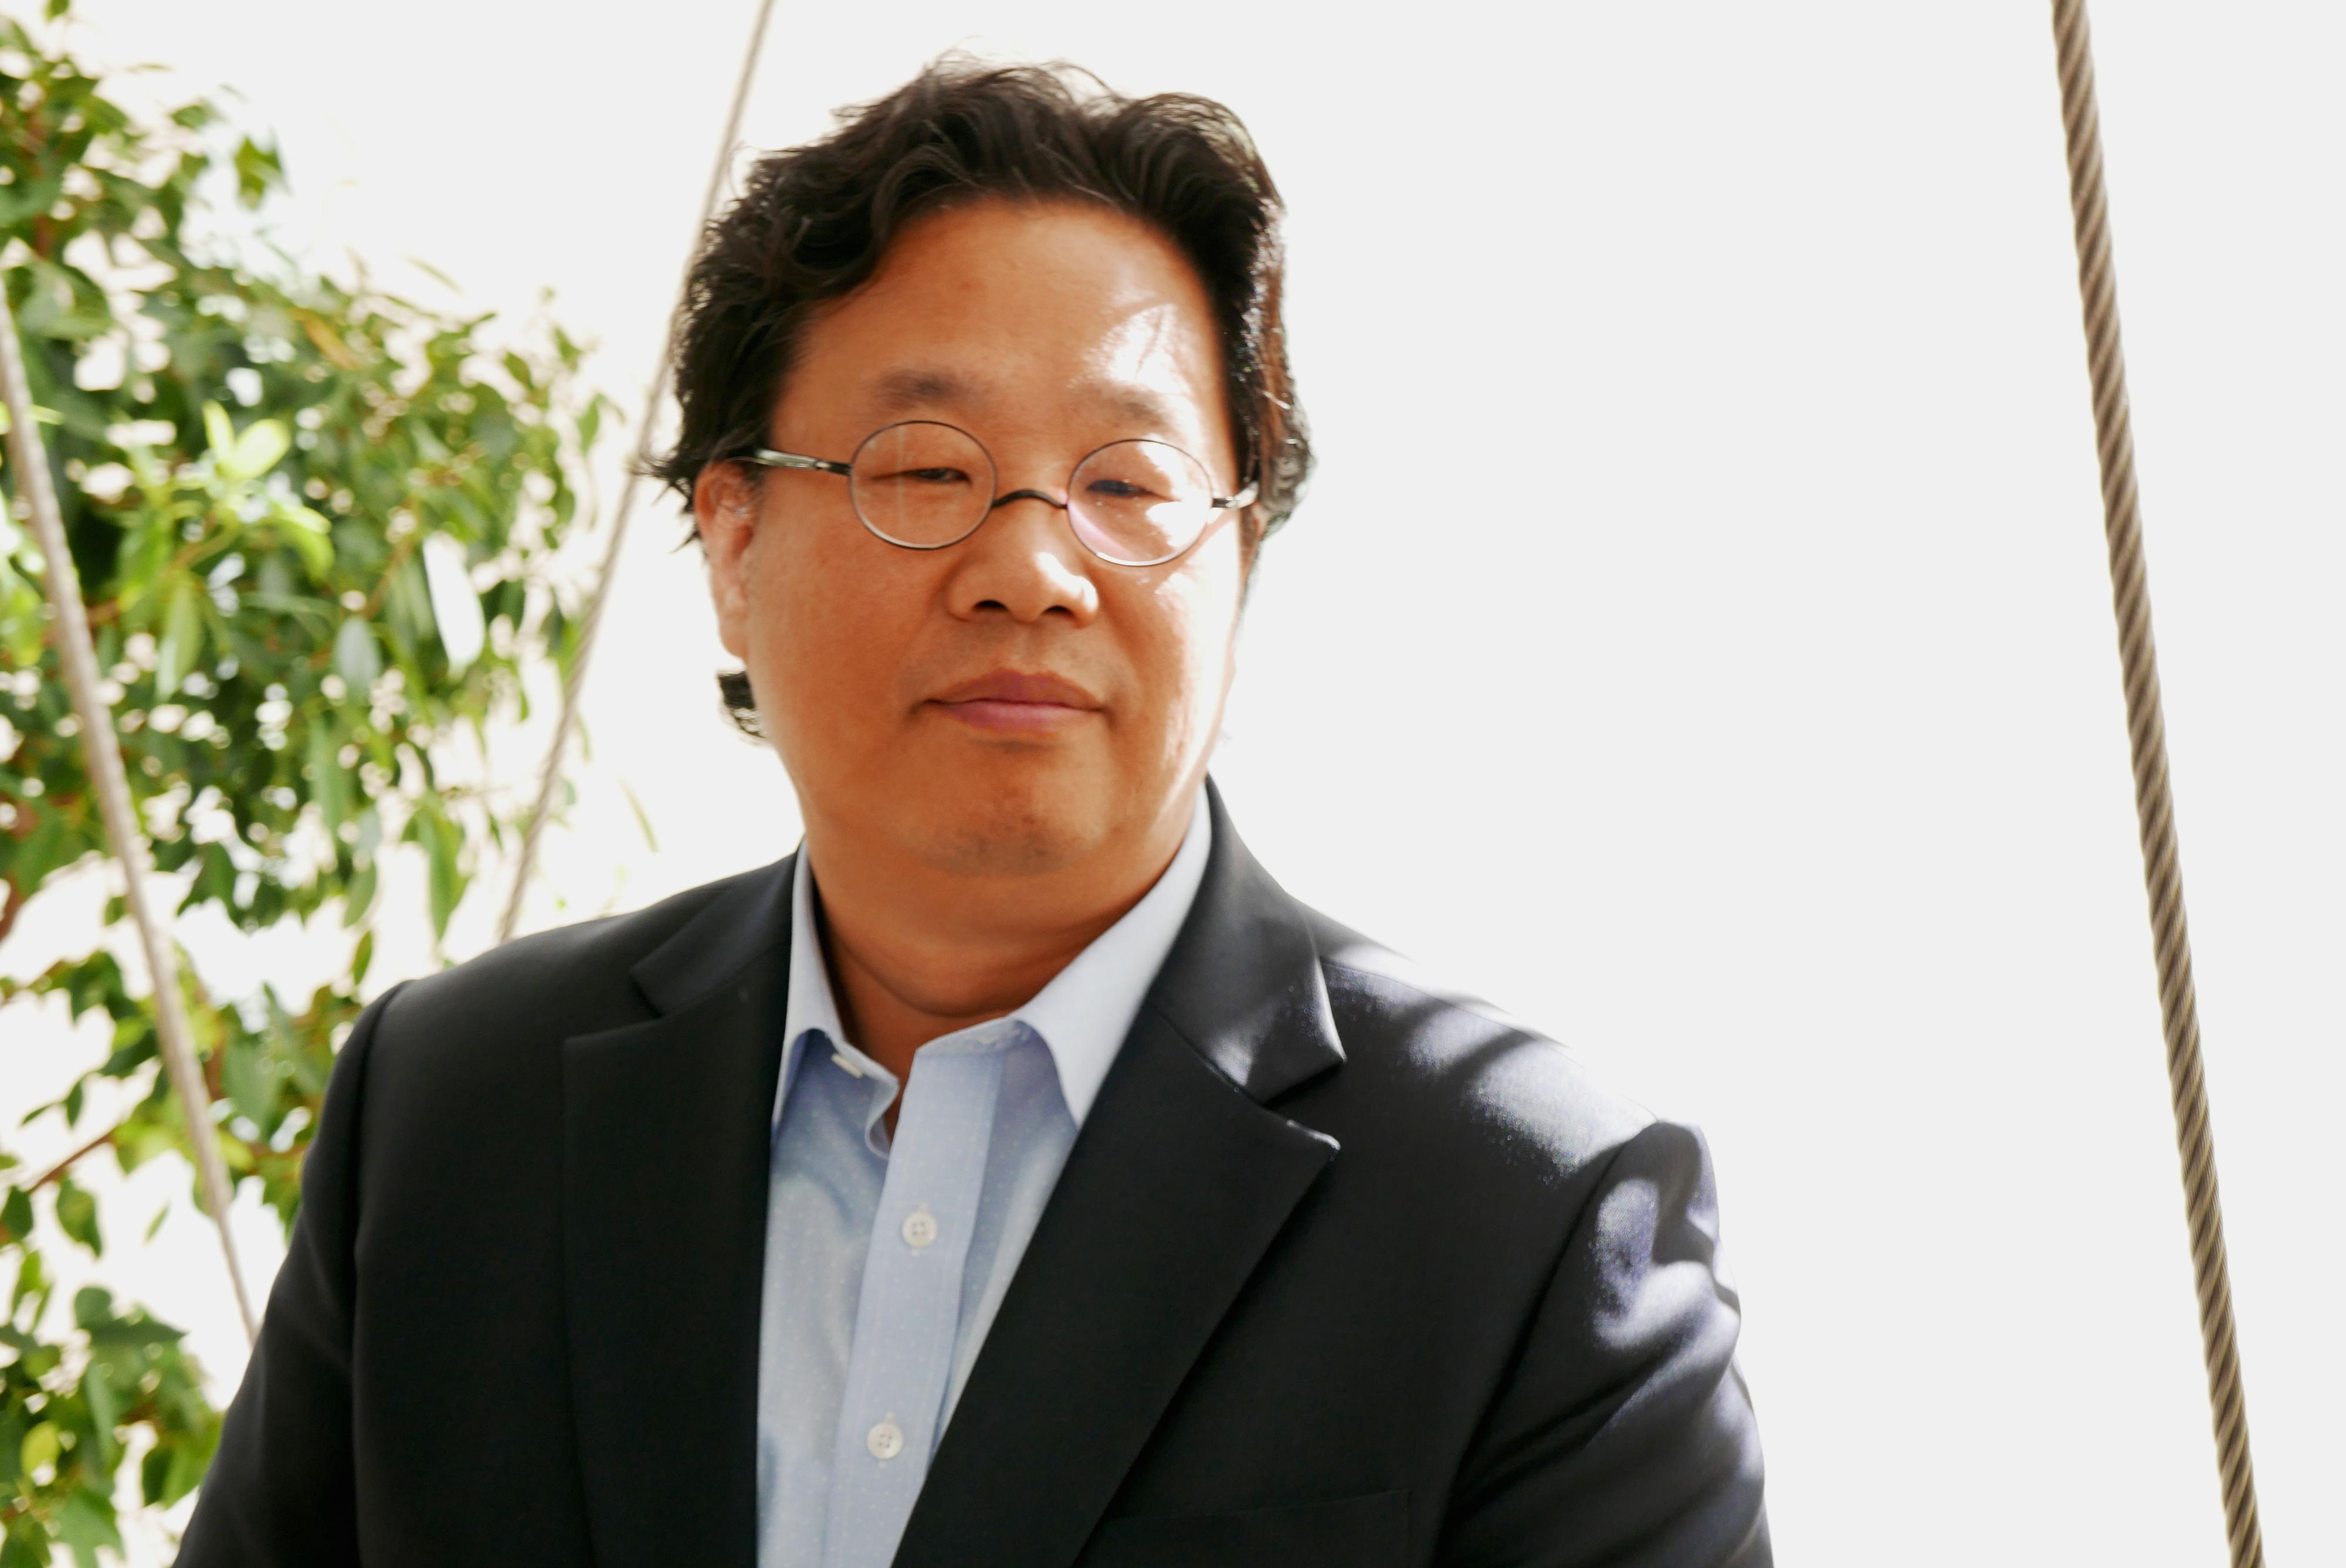 Kangheui Cha er designsjef for hjemmeunderholdning hos LG. Foto: Ole Henrik Johansen / Tek.no